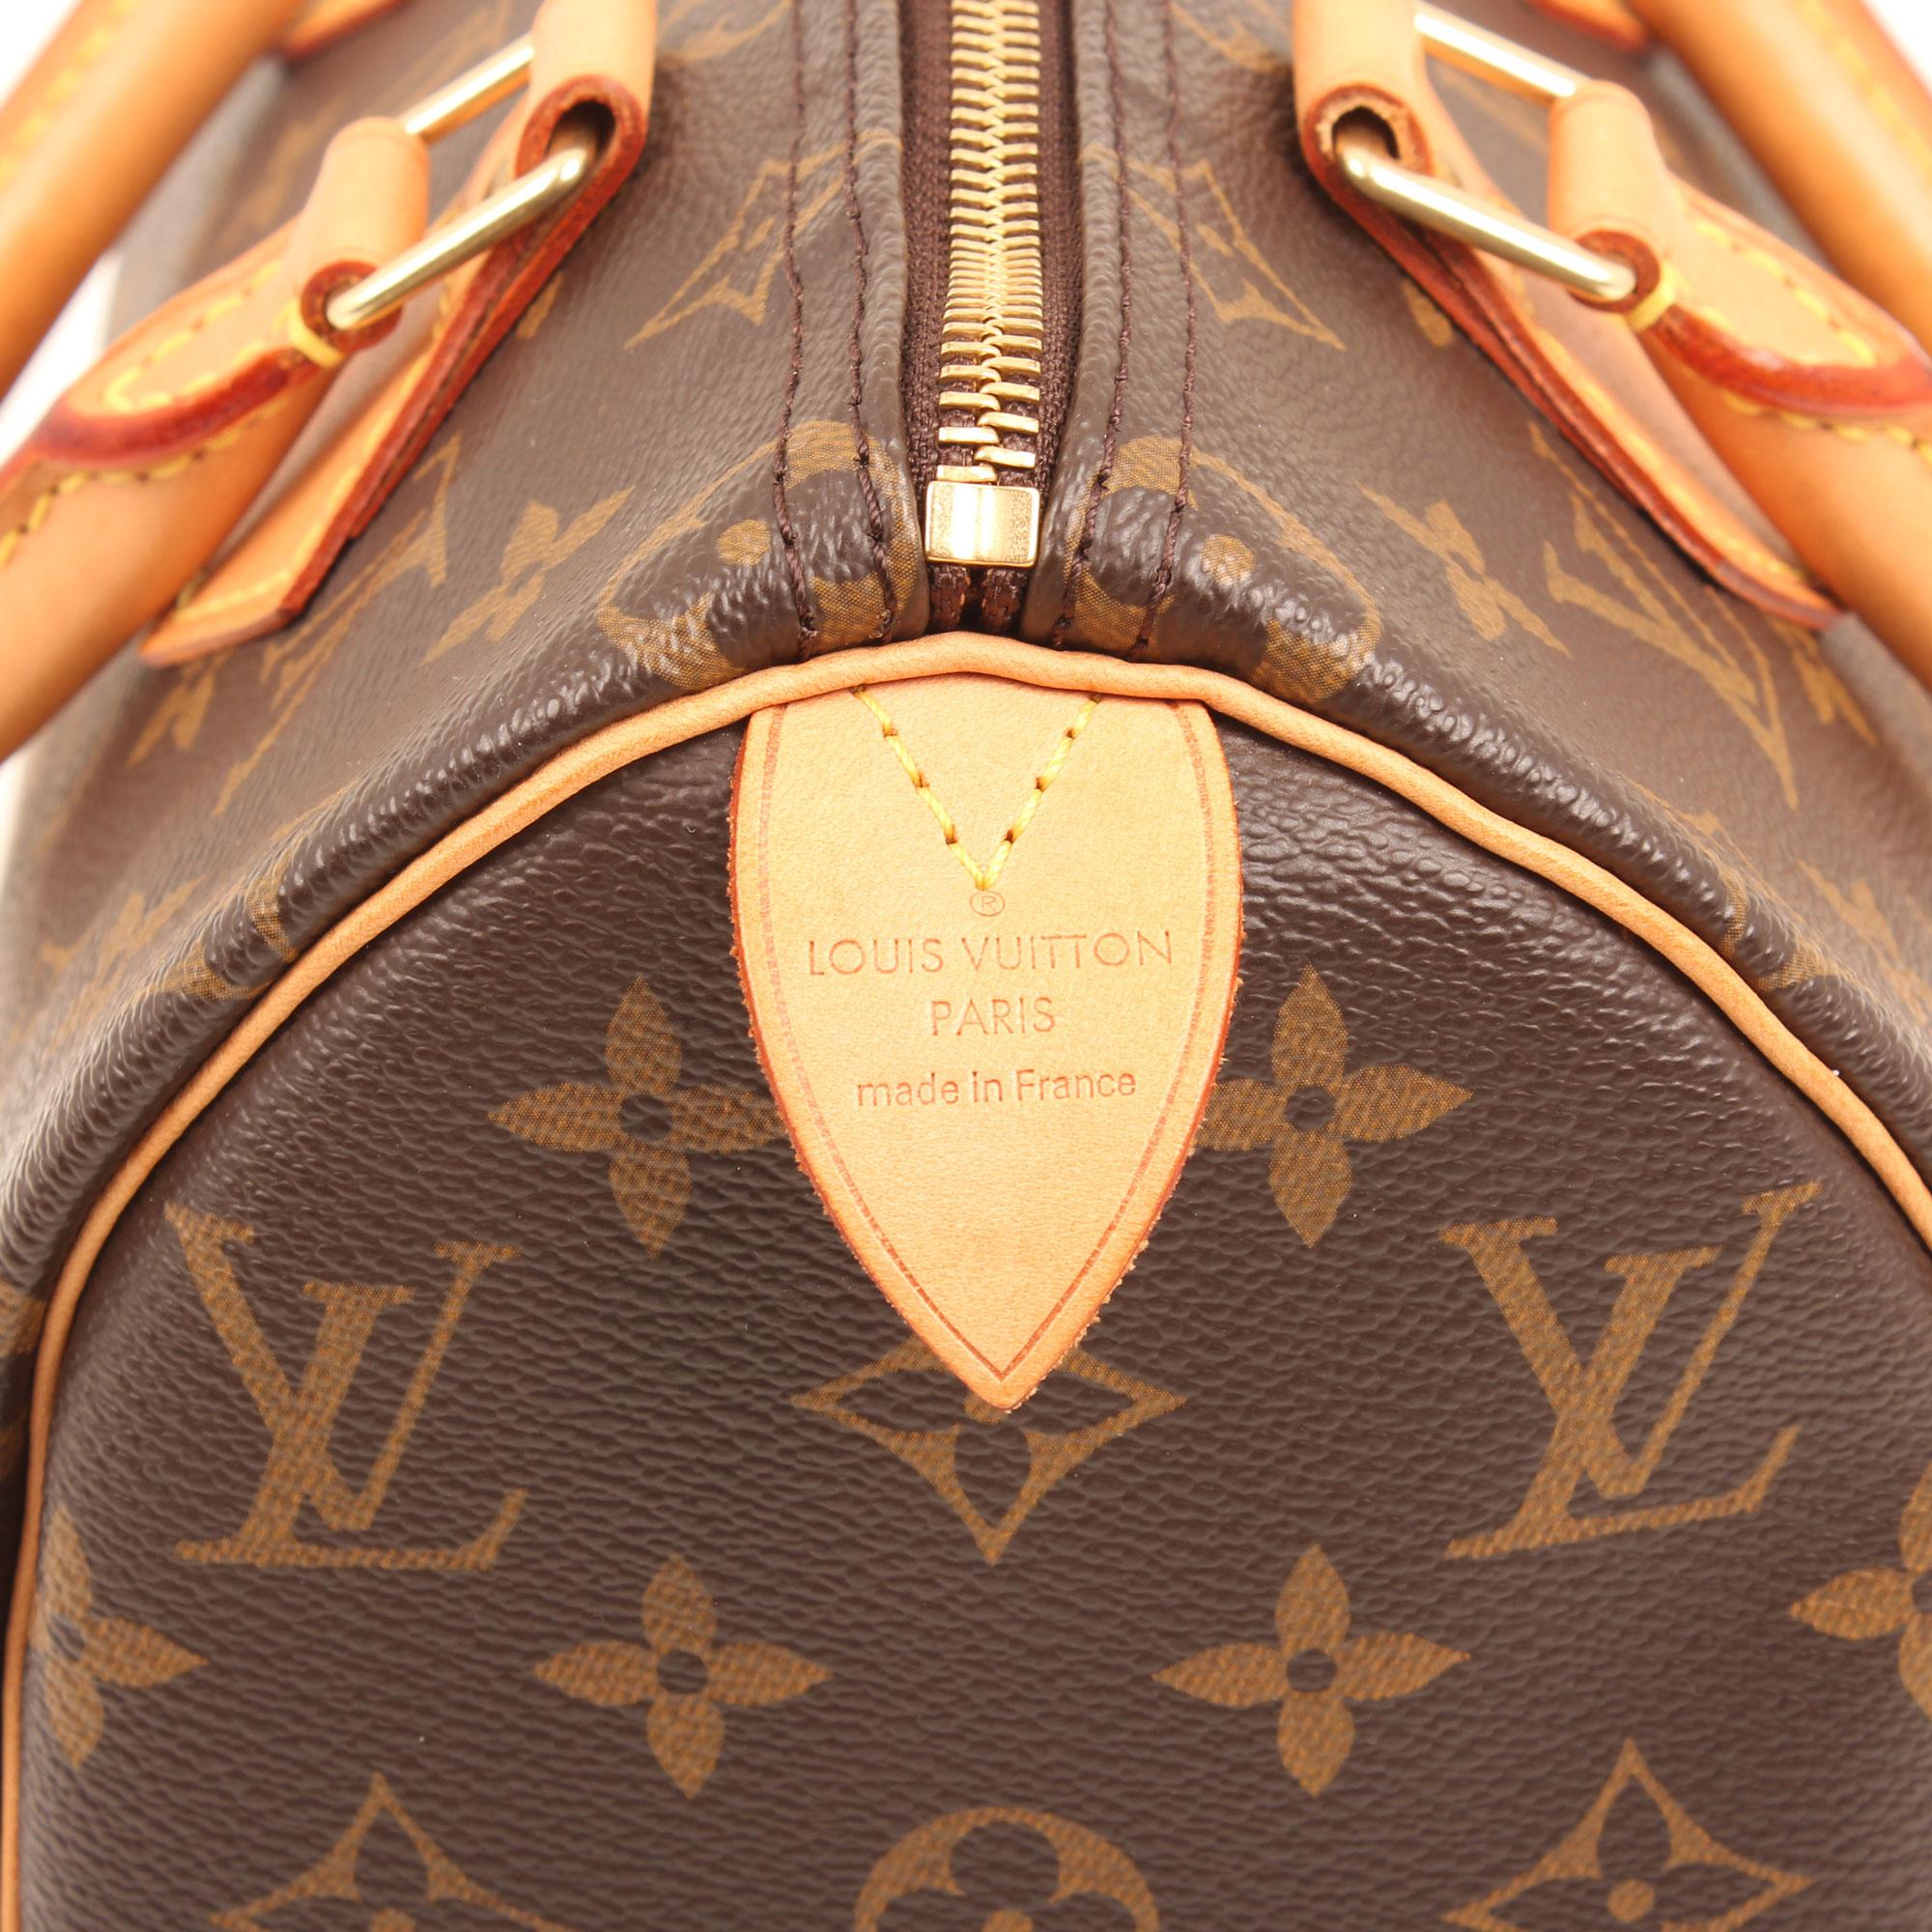 Imagen del detalle de la piel del bolso louis vuitton speedy 25 monogram